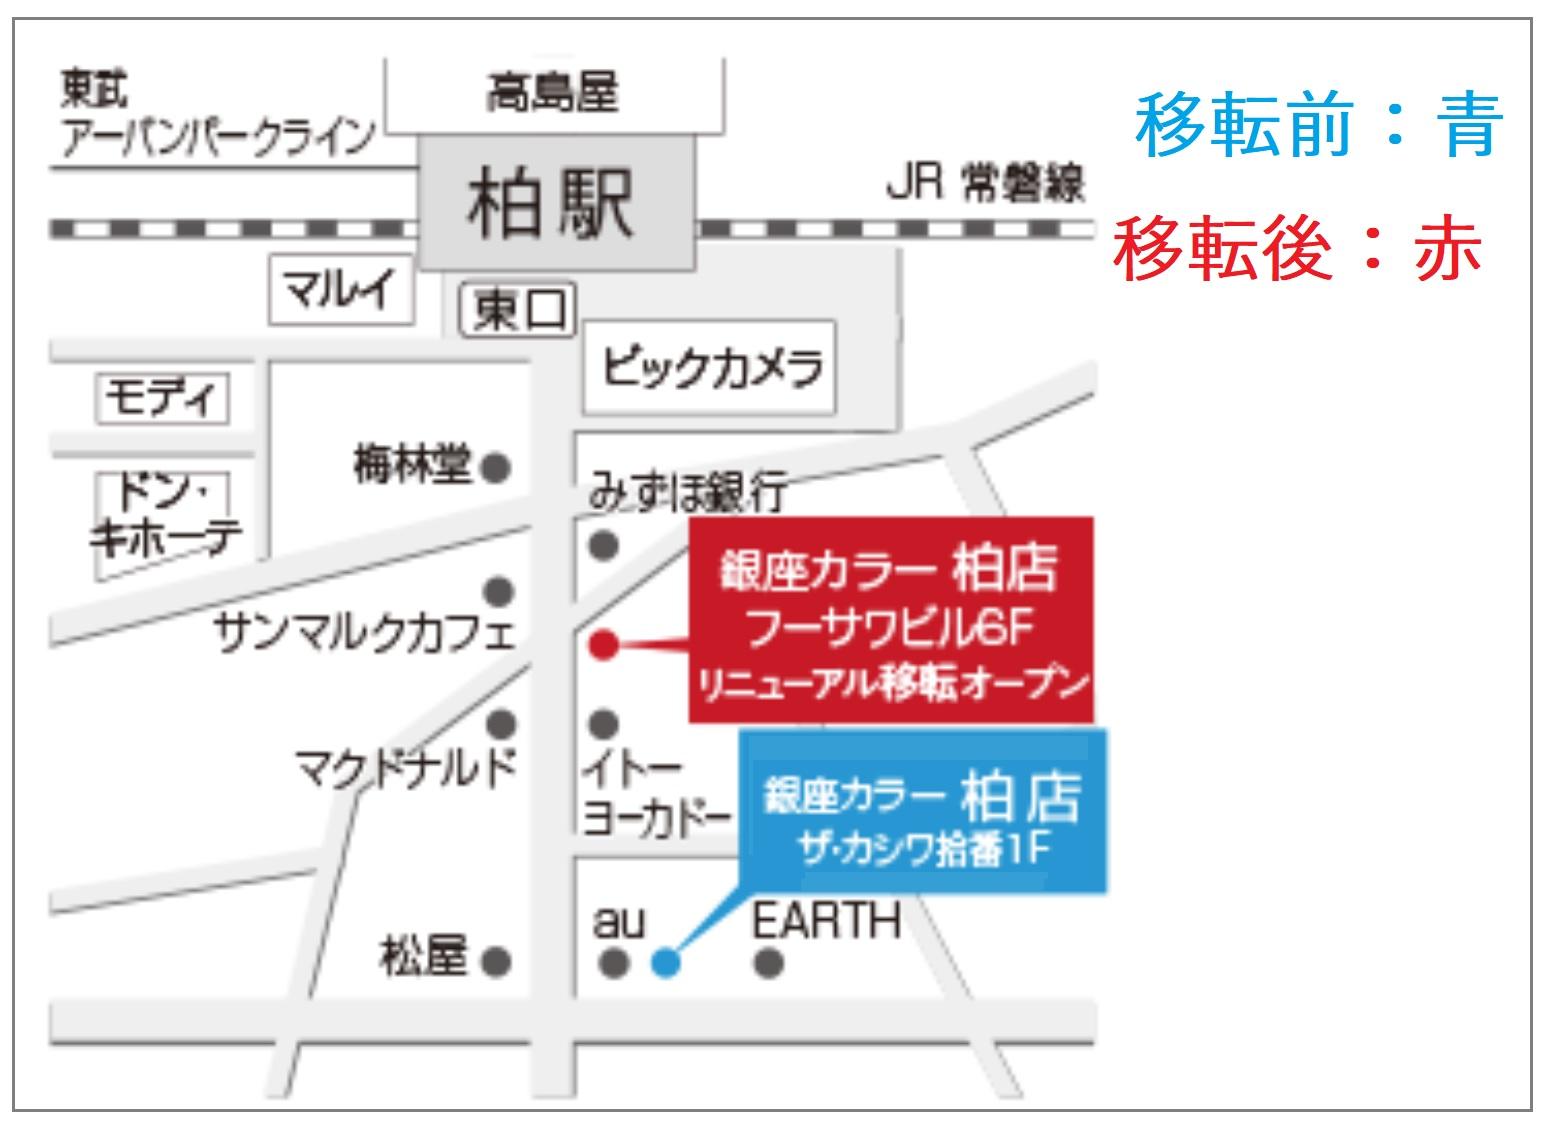 銀座カラー柏店(移転前後)